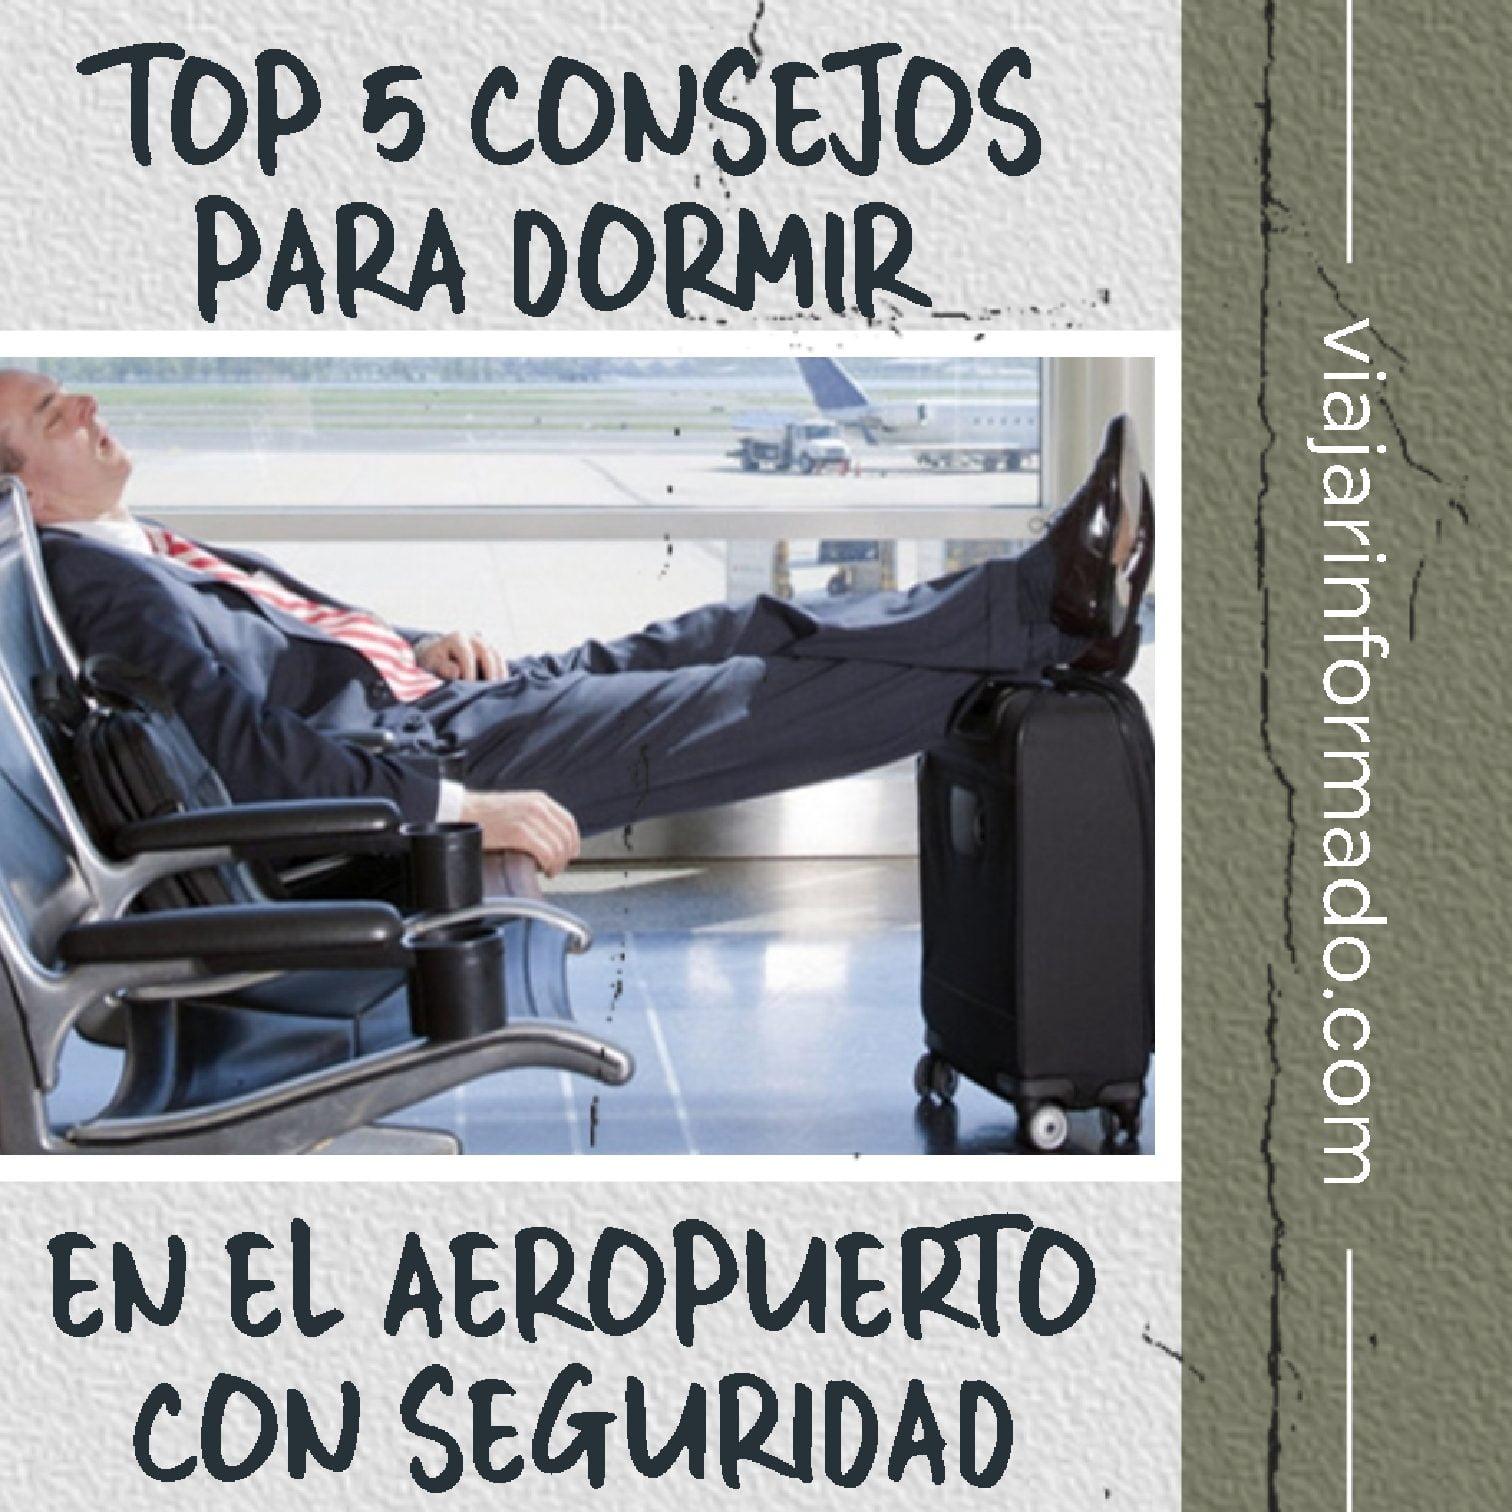 dormir-en-el-aeropuerto-con-seguridad